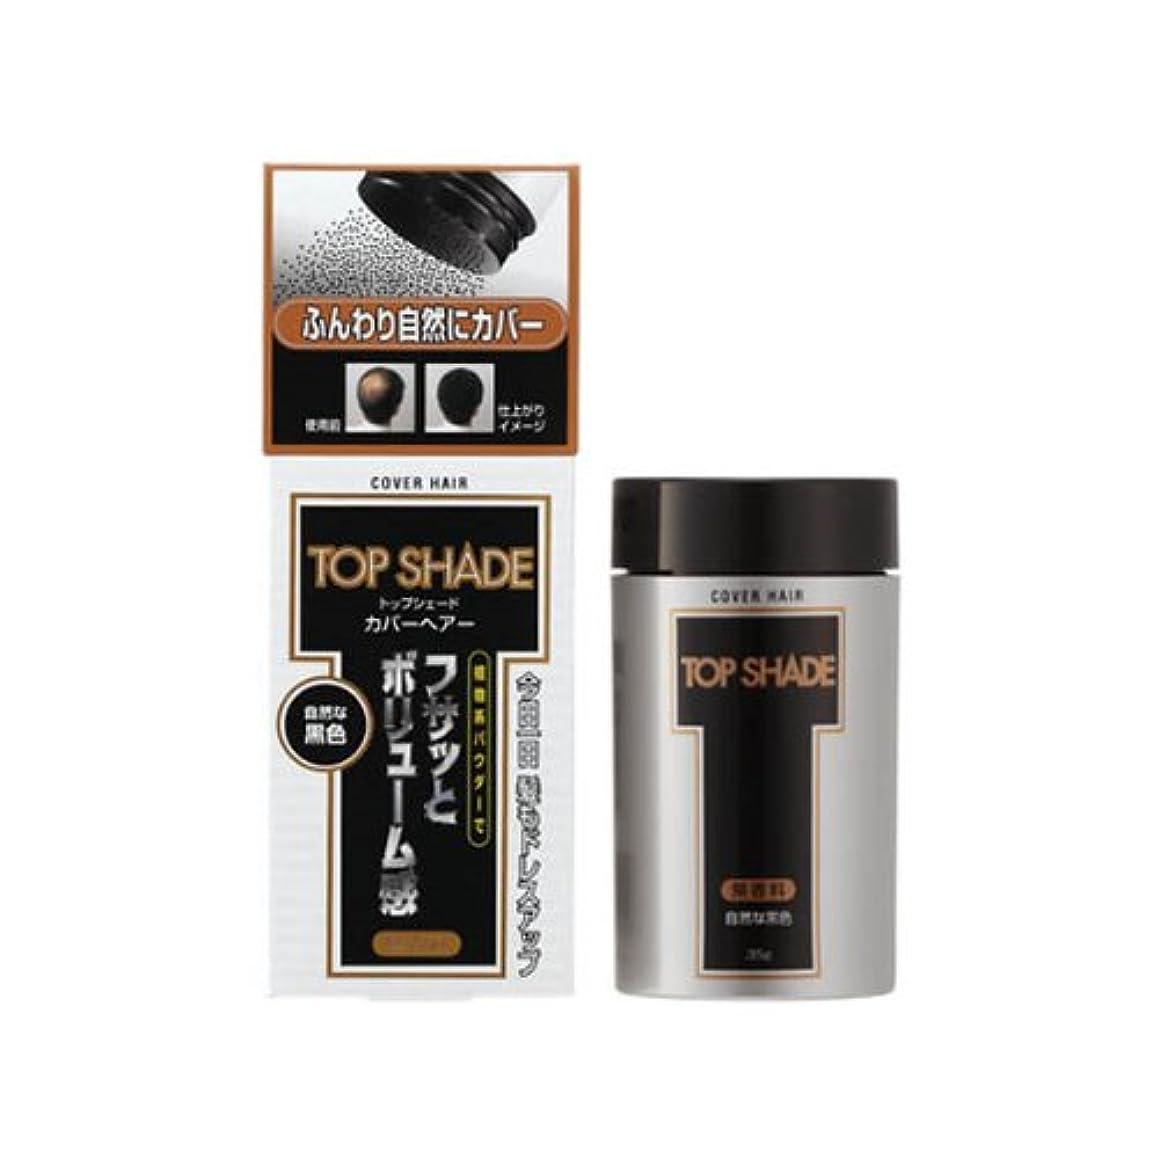 ハチコーヒー世界の窓柳屋 トップシェード カバーヘアー 黒 35g